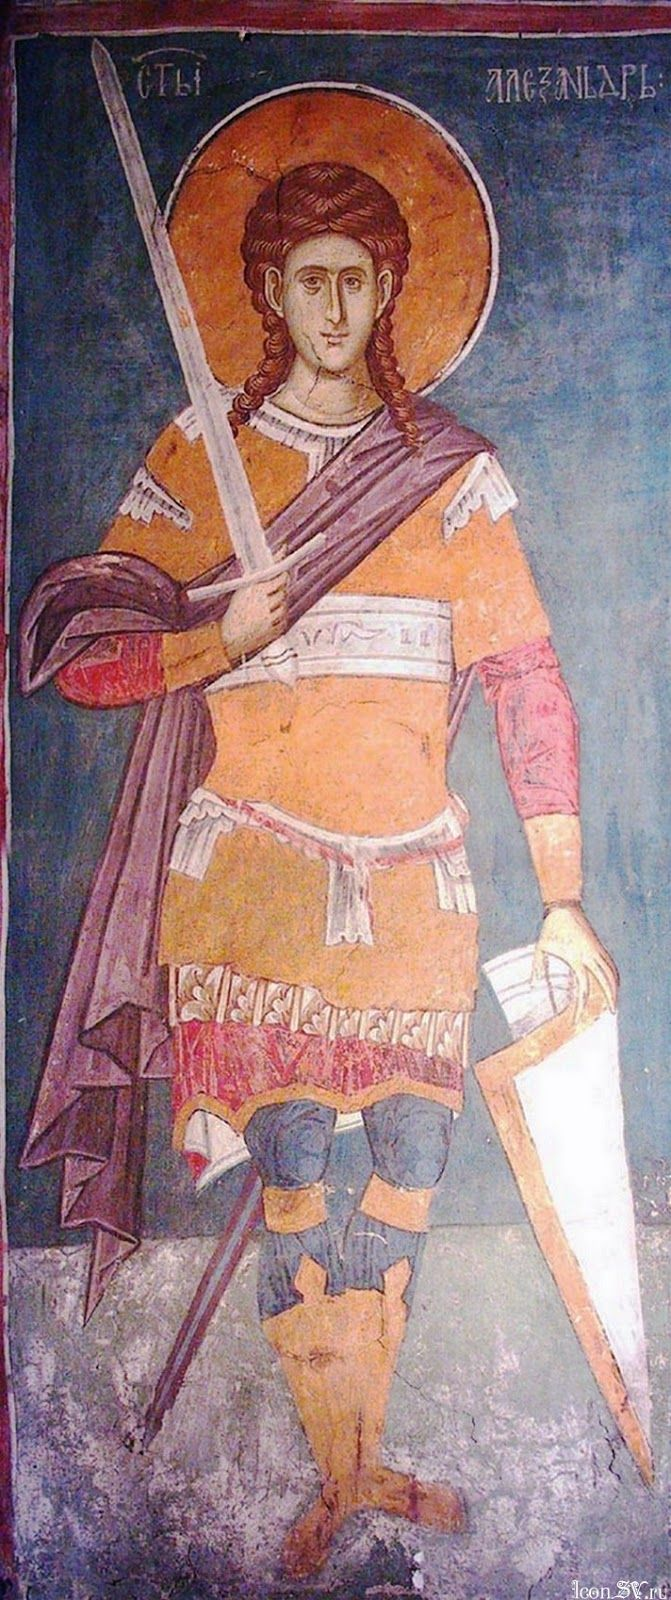 александра римская икона: 8 тыс изображений найдено в Яндекс.Картинках